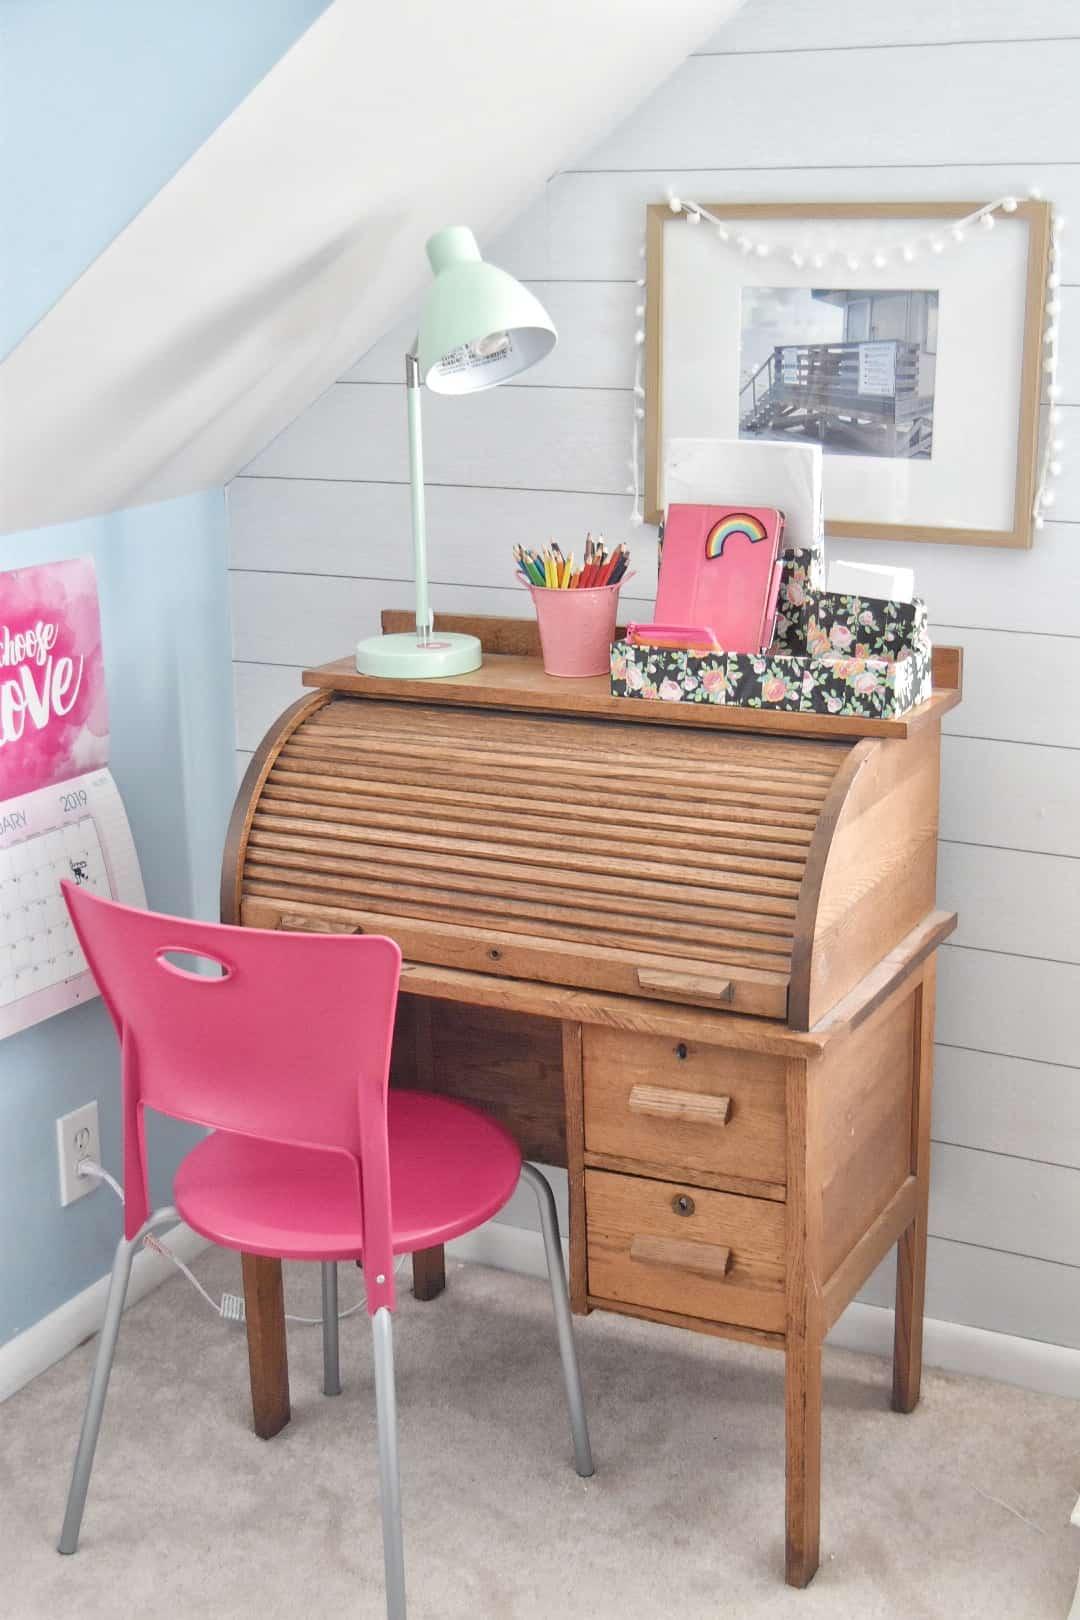 DIY Room Decor for Girls #tweens #inexpensive #bedroomdecor